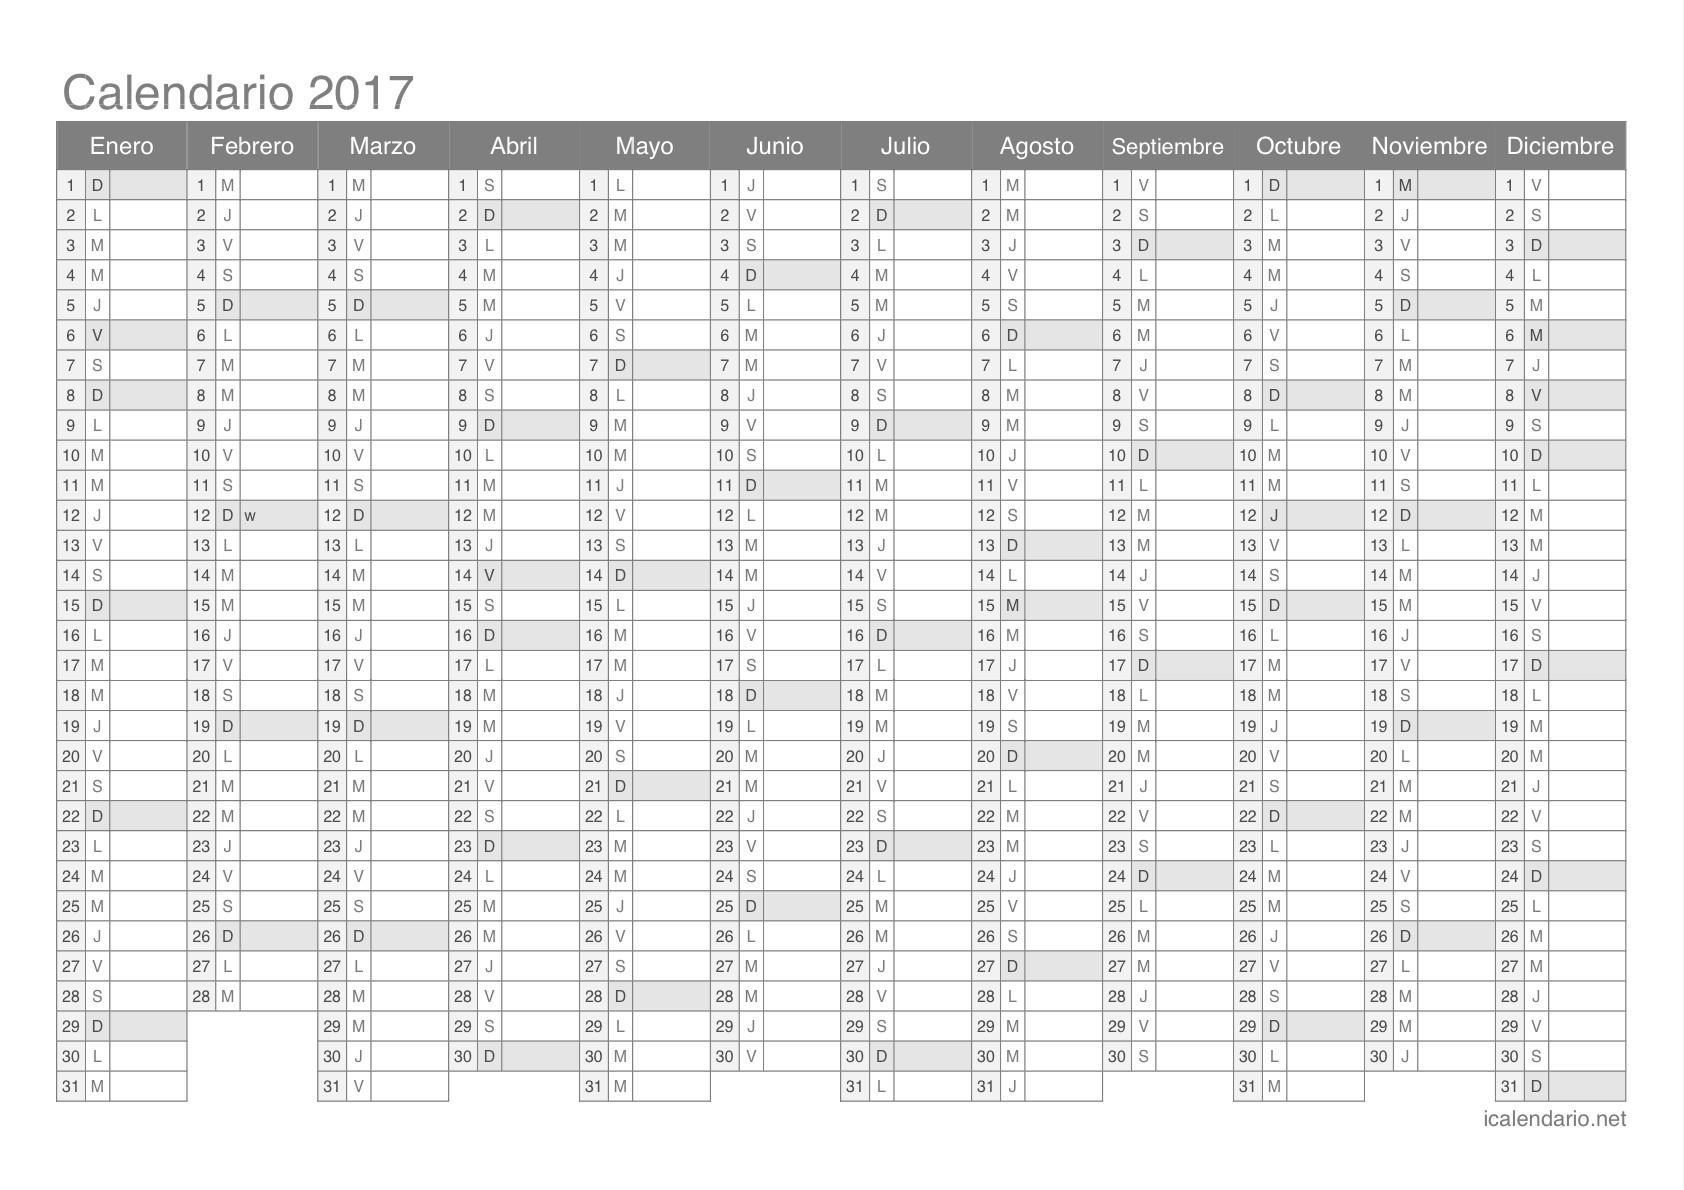 Calendario 2017 para imprimir